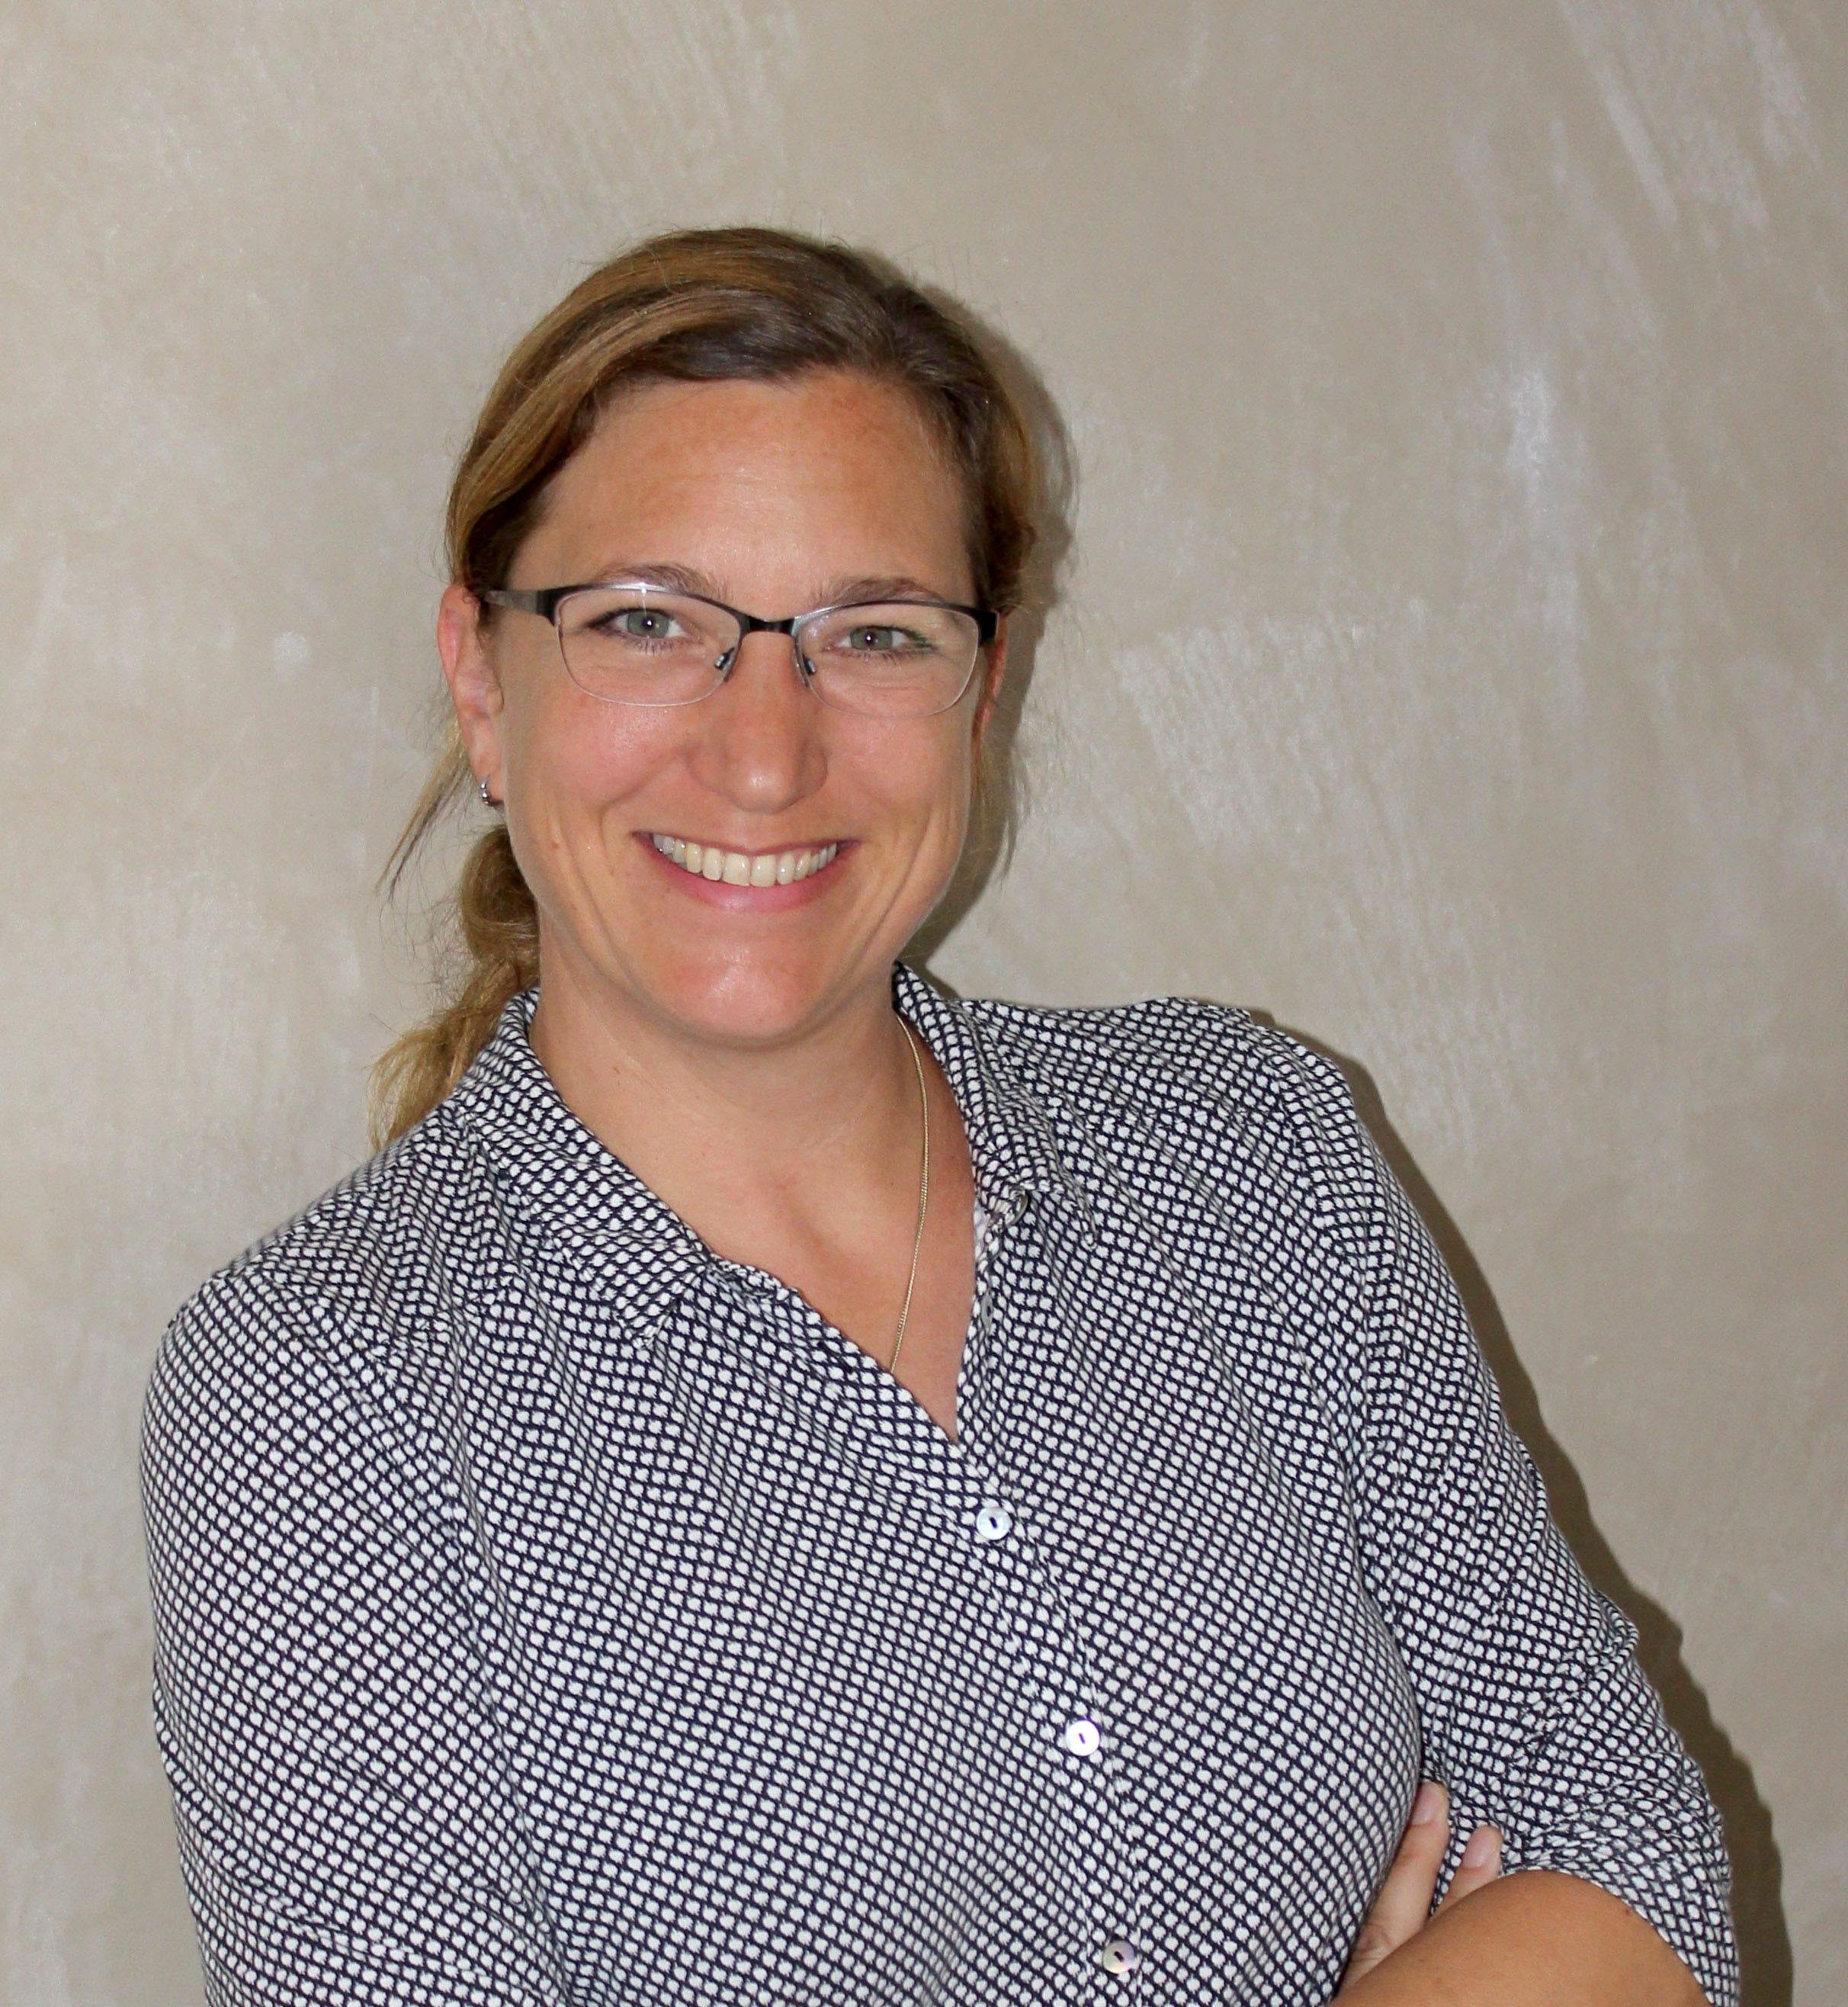 Neue Ärztin und neues Behandlungsfeld –  Stephanie Westermann verstärkt als TCM-Ärztin die iTCM-Klinik Illertal und erweitert das Therapiespektrum